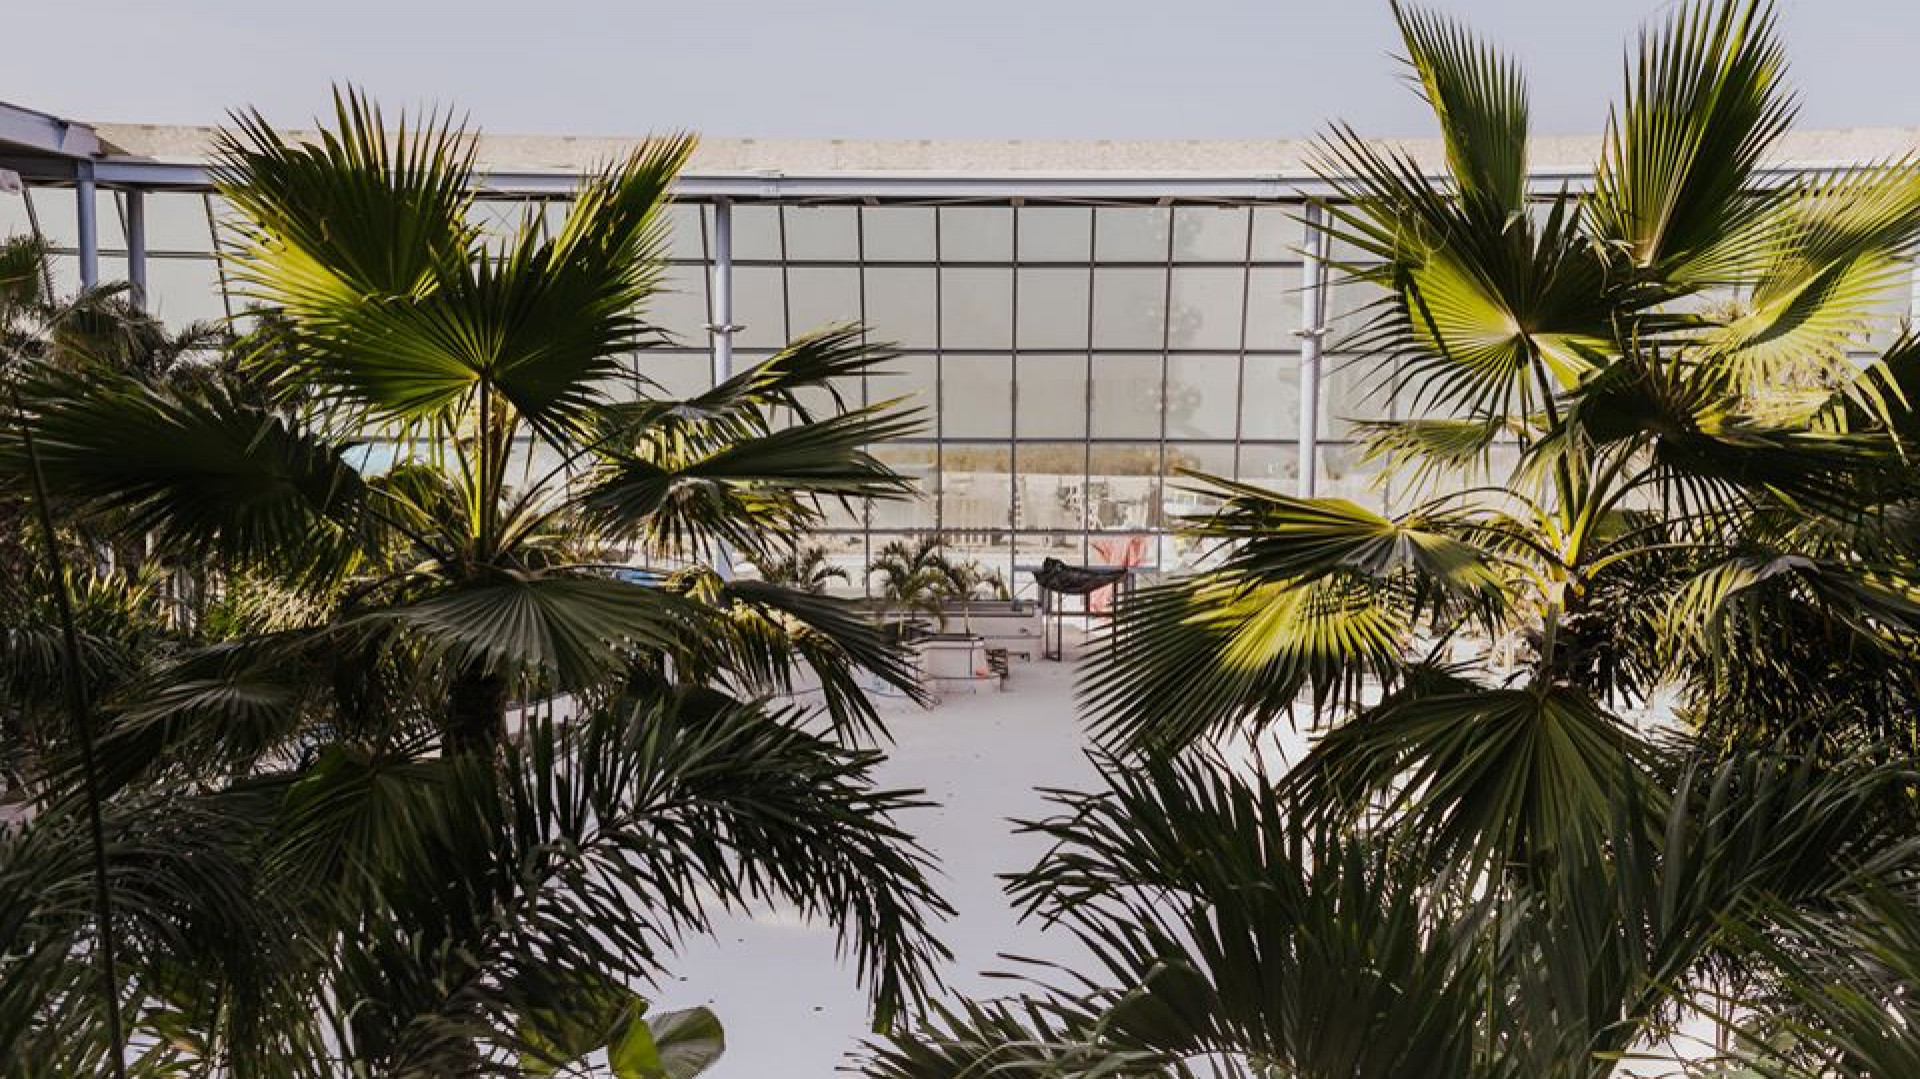 Palmy przywieziono m.in. z Kostaryki i Malezji (fot.FB)